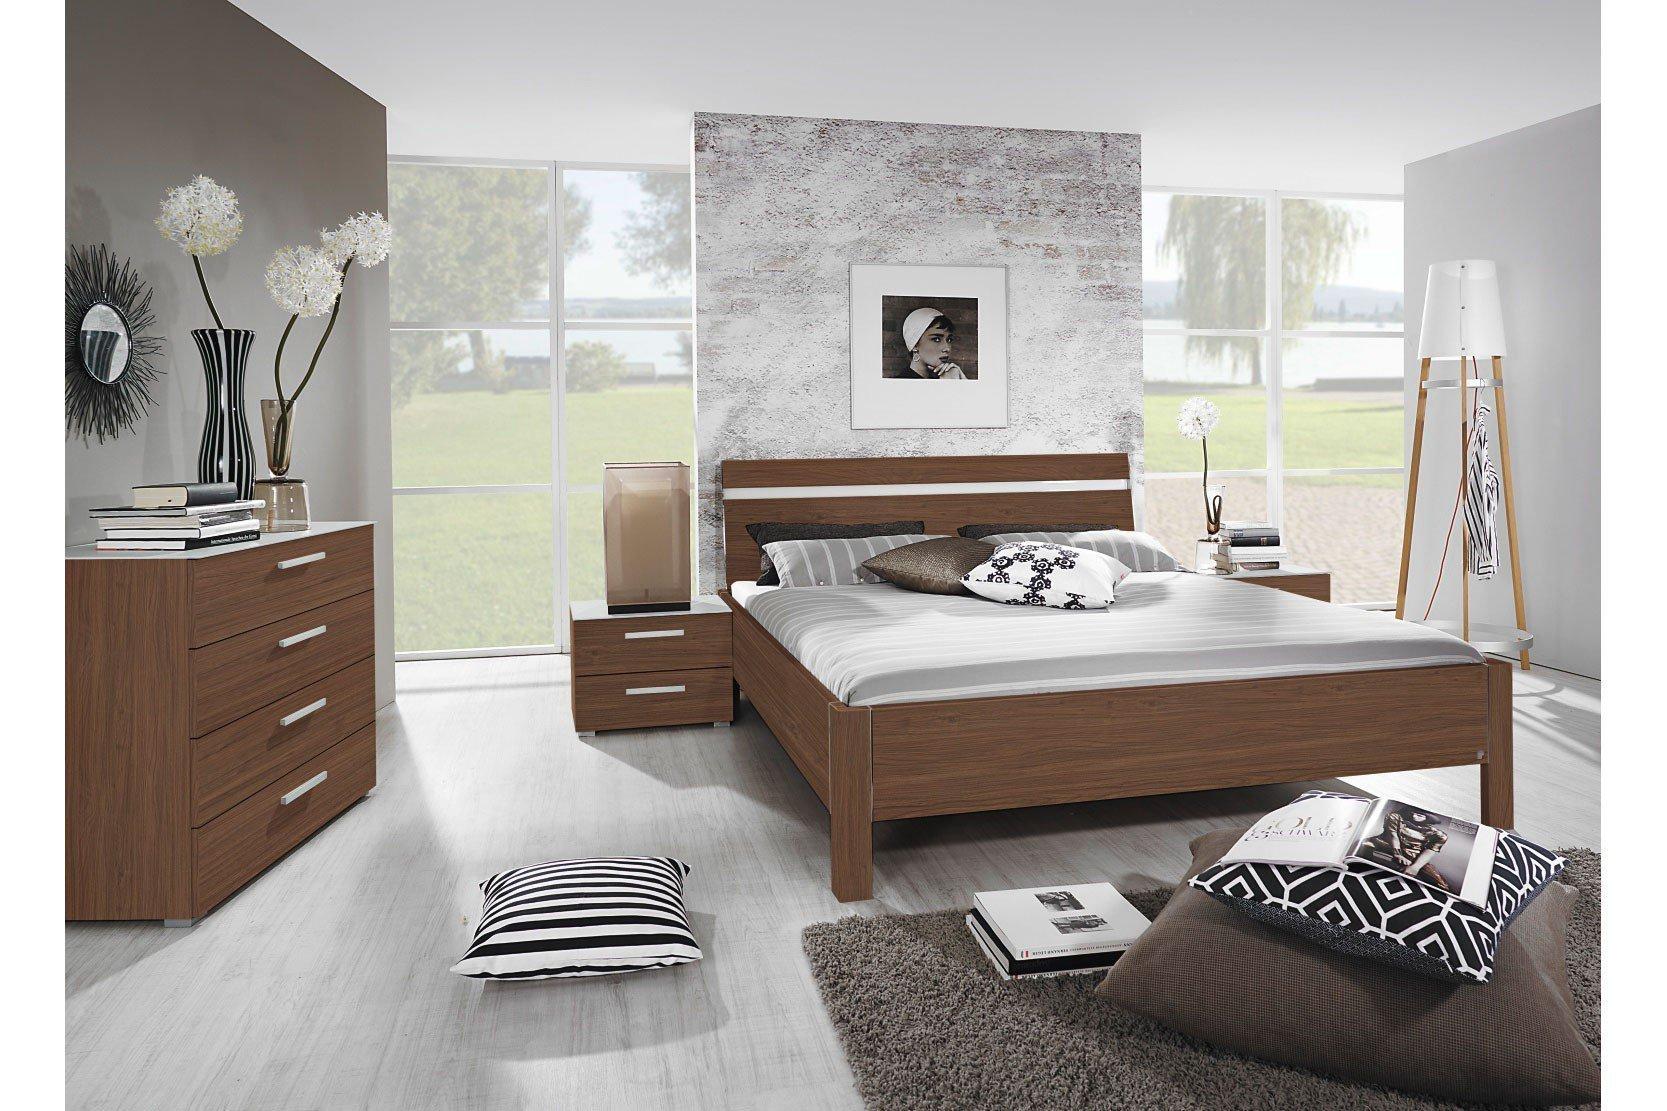 Betten Nussbaum Passende Produkte Zu Bett Lucca Komfort